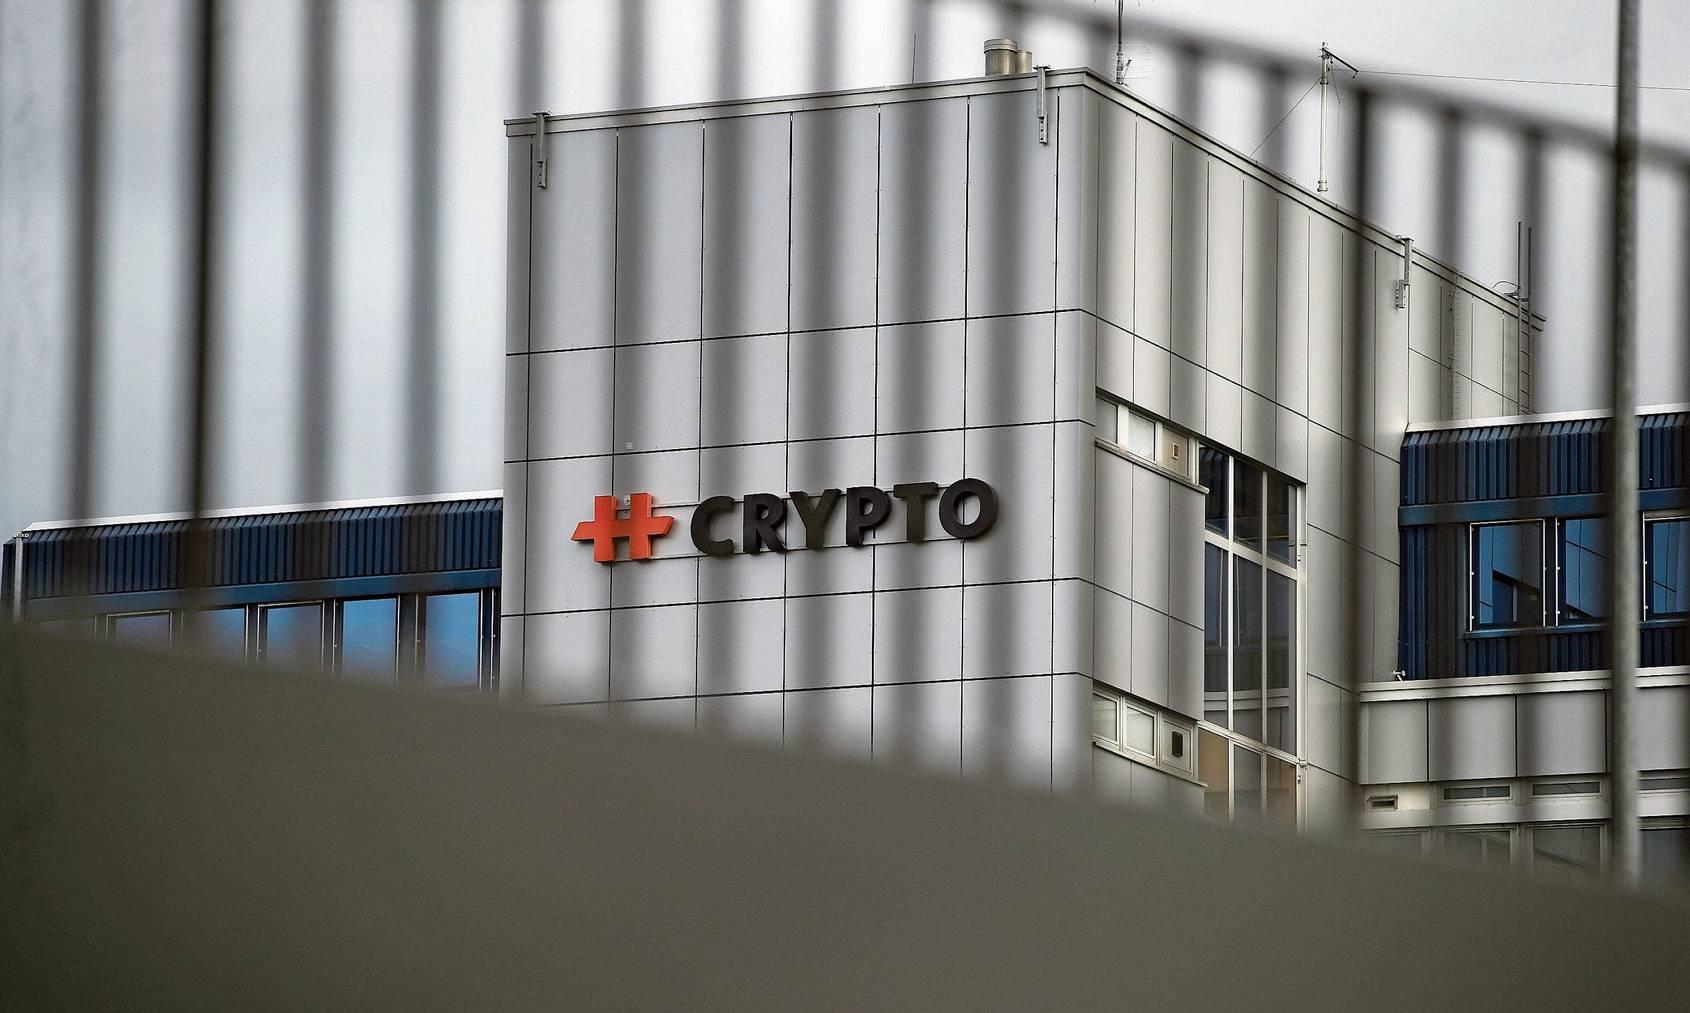 Plötzlich im Fokus des weltweiten Medieninteresses: Der Hauptsitz der Crypto AG in Steinhausen im Kanton Zug.